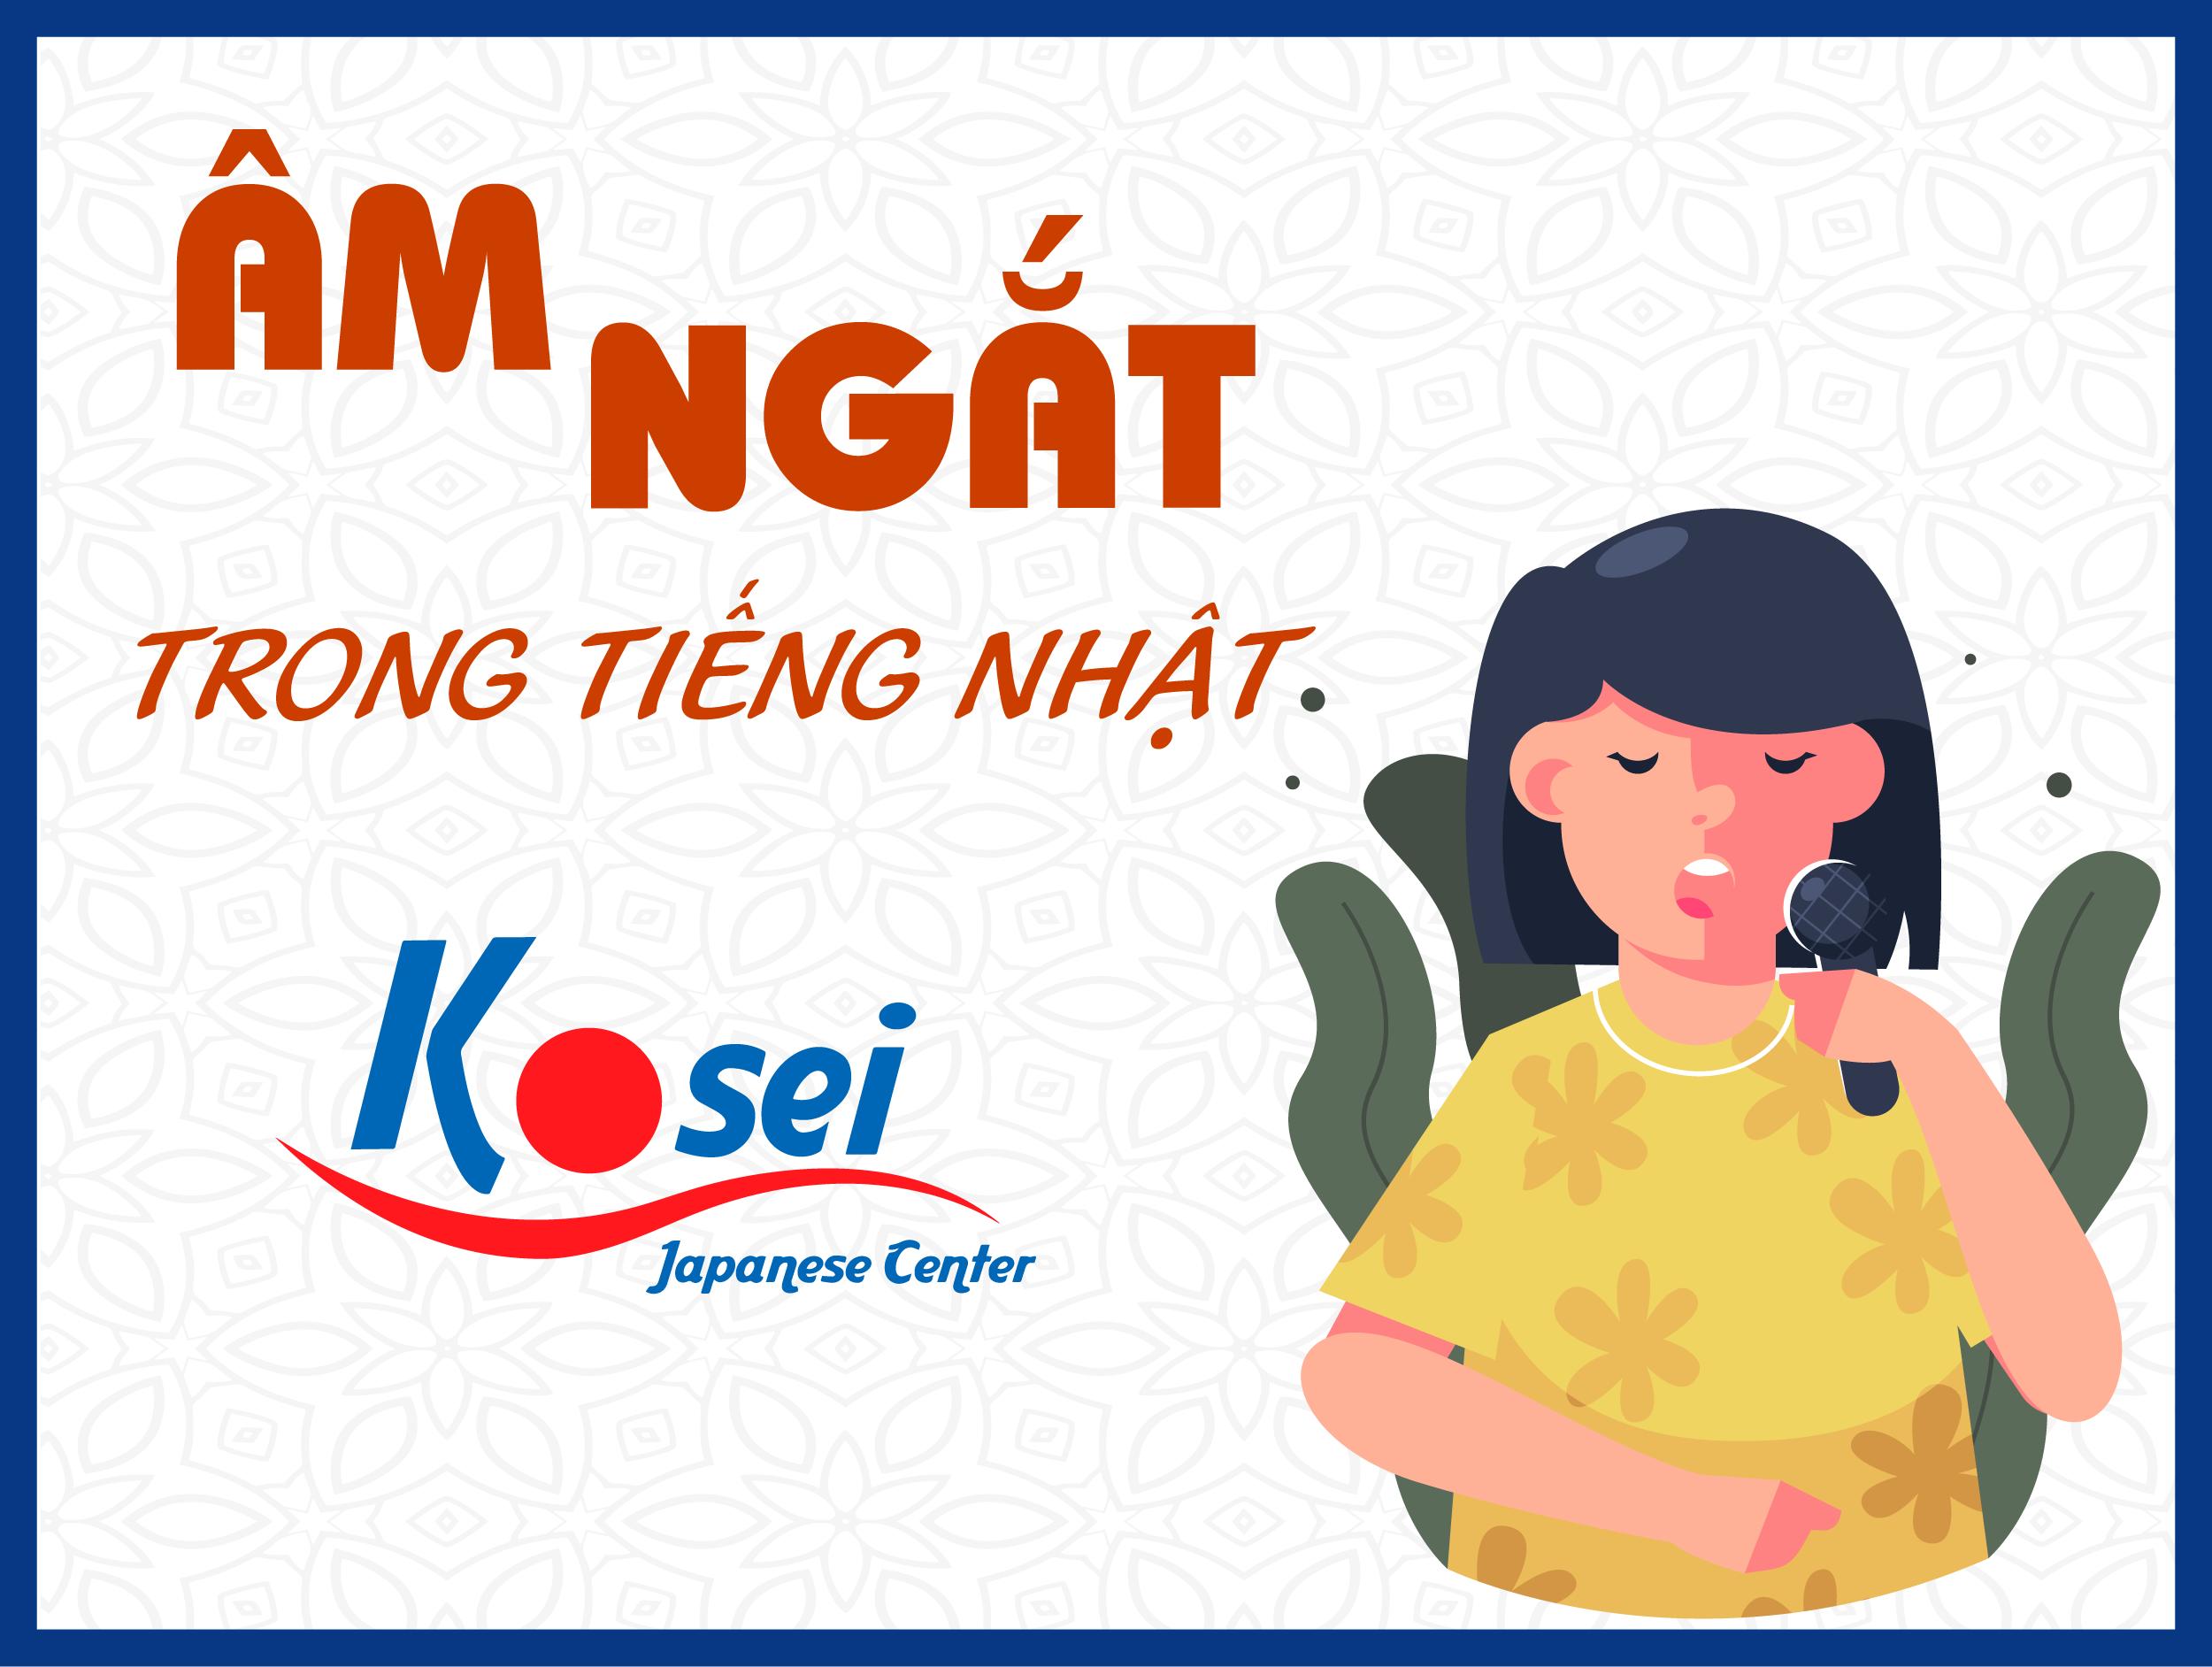 https://kosei.vn/am-ngat-trong-tieng-nhat-la-gi-dong-vai-tro-nhu-the-nao-n3158.html